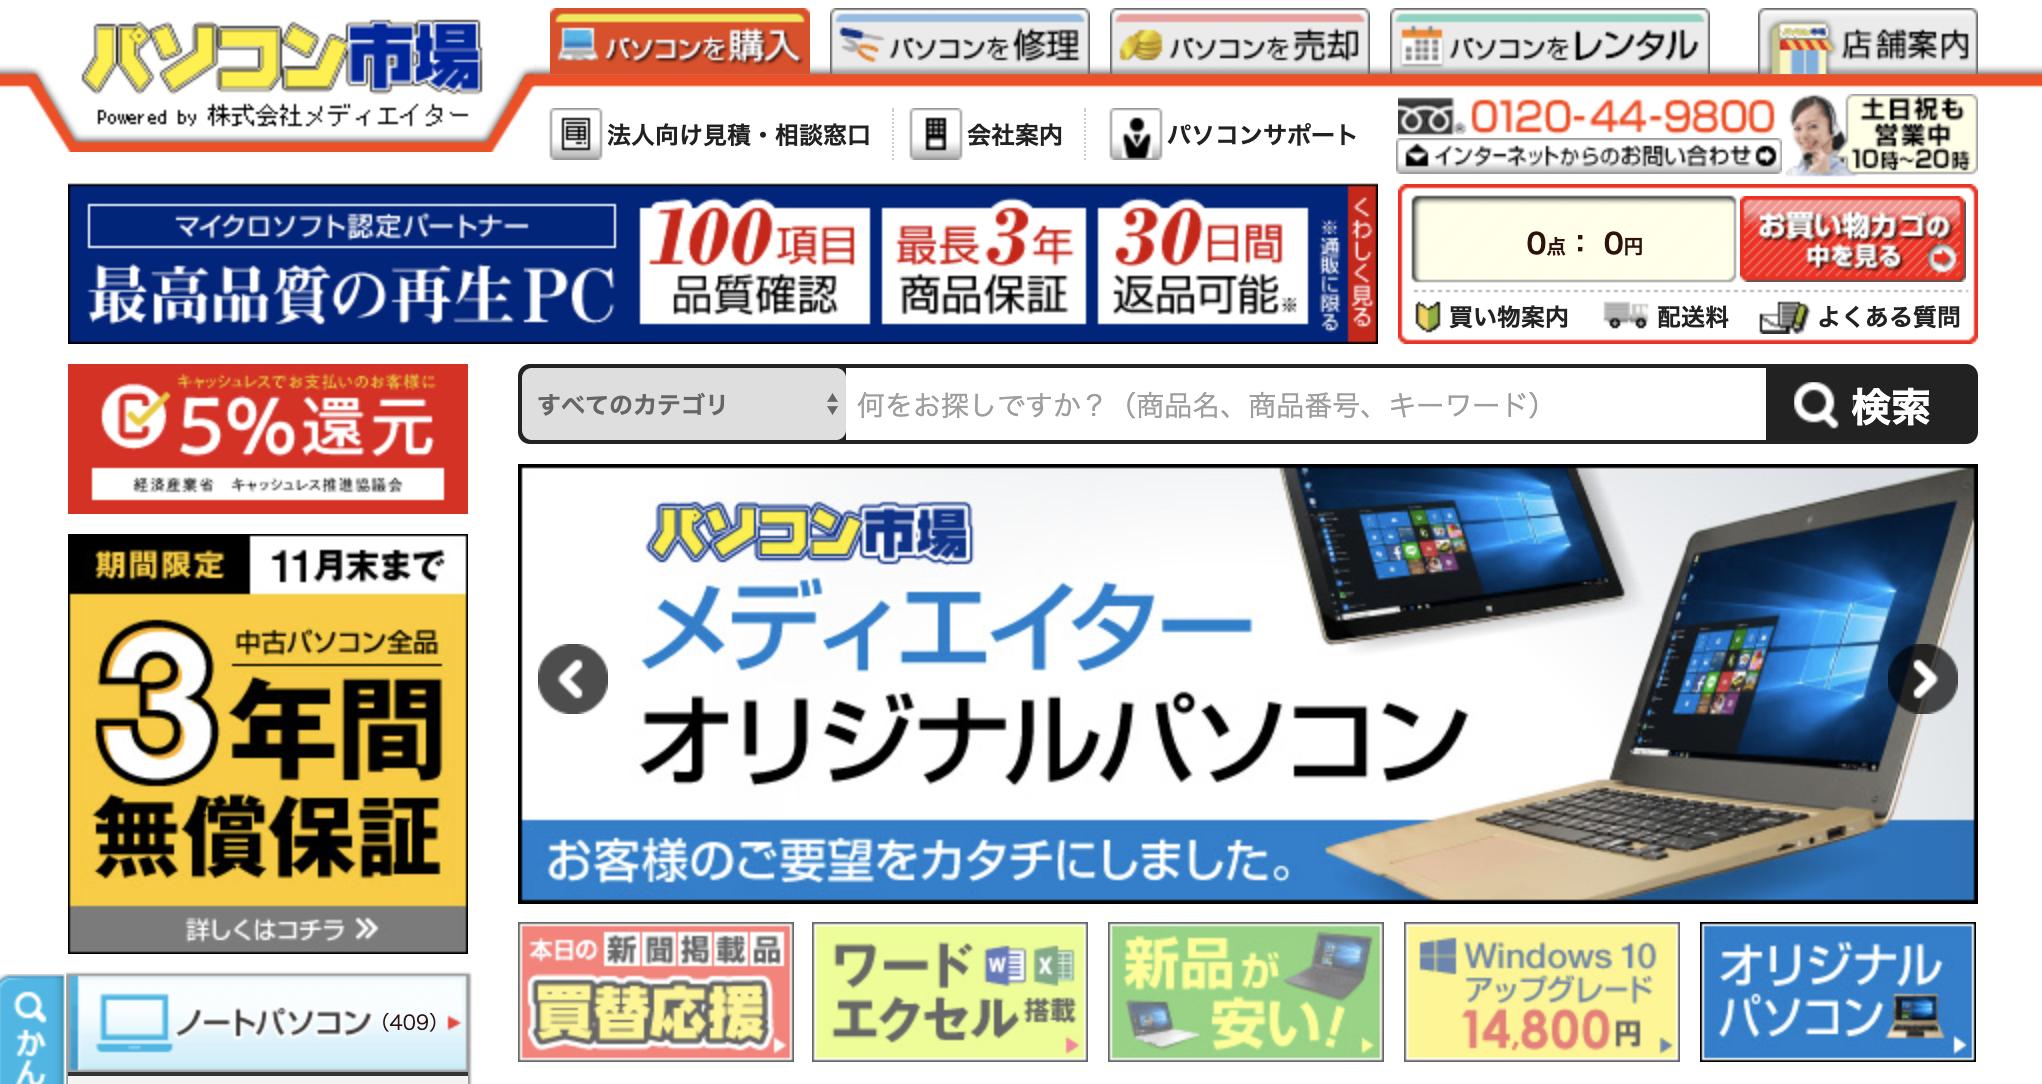 パソコン市場